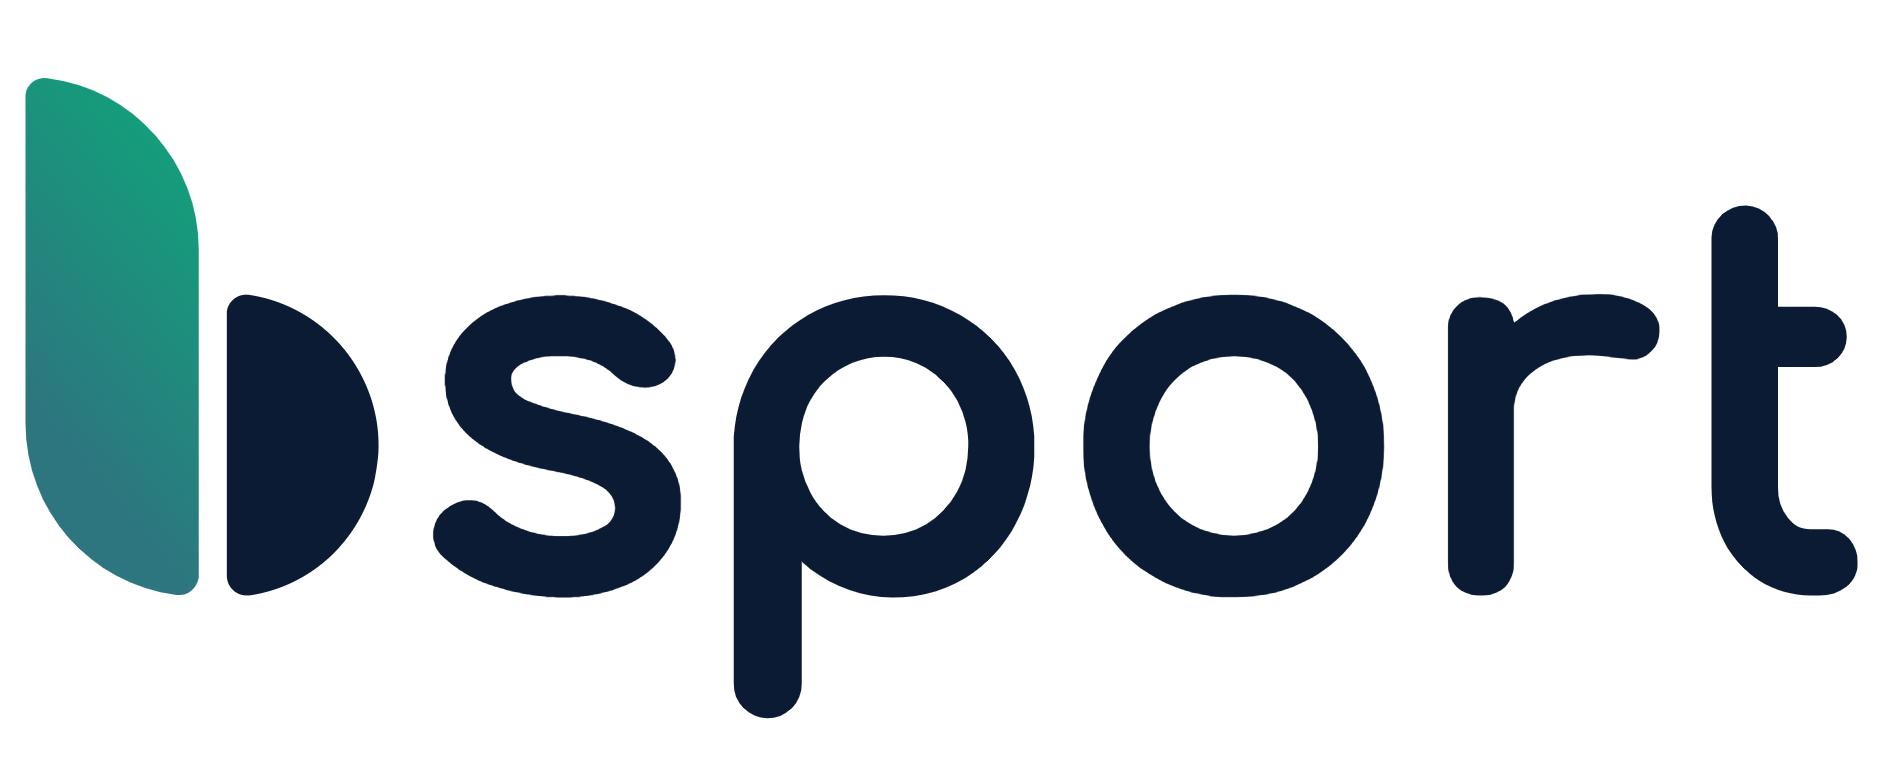 S'inscrire à un cours et créer un compte sur Bsport